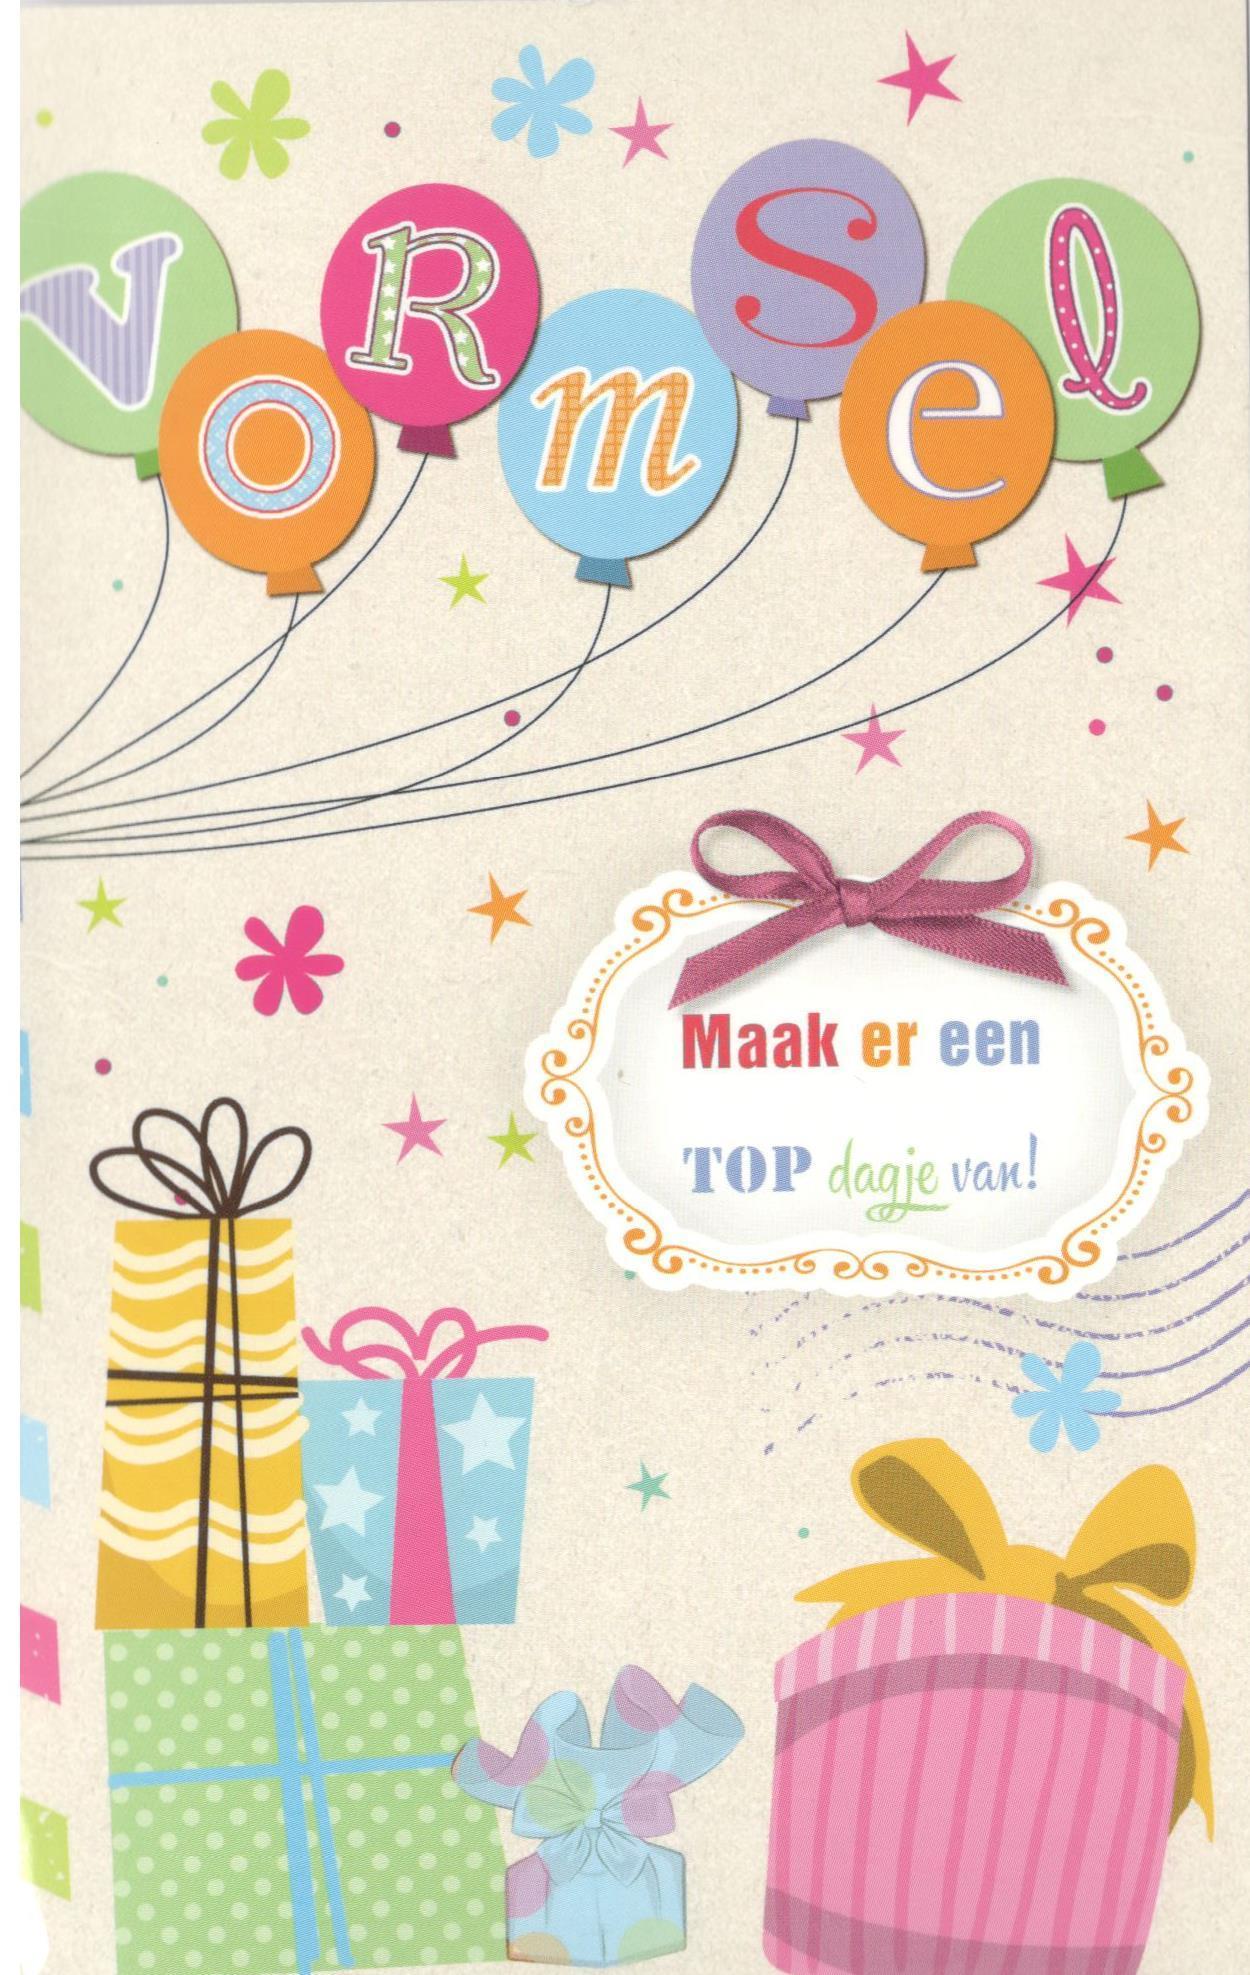 gefeliciteerd met je vormsel Vormsel kaarten, kaarten Vormsel, wenskaarten Vormsel bestellen gefeliciteerd met je vormsel